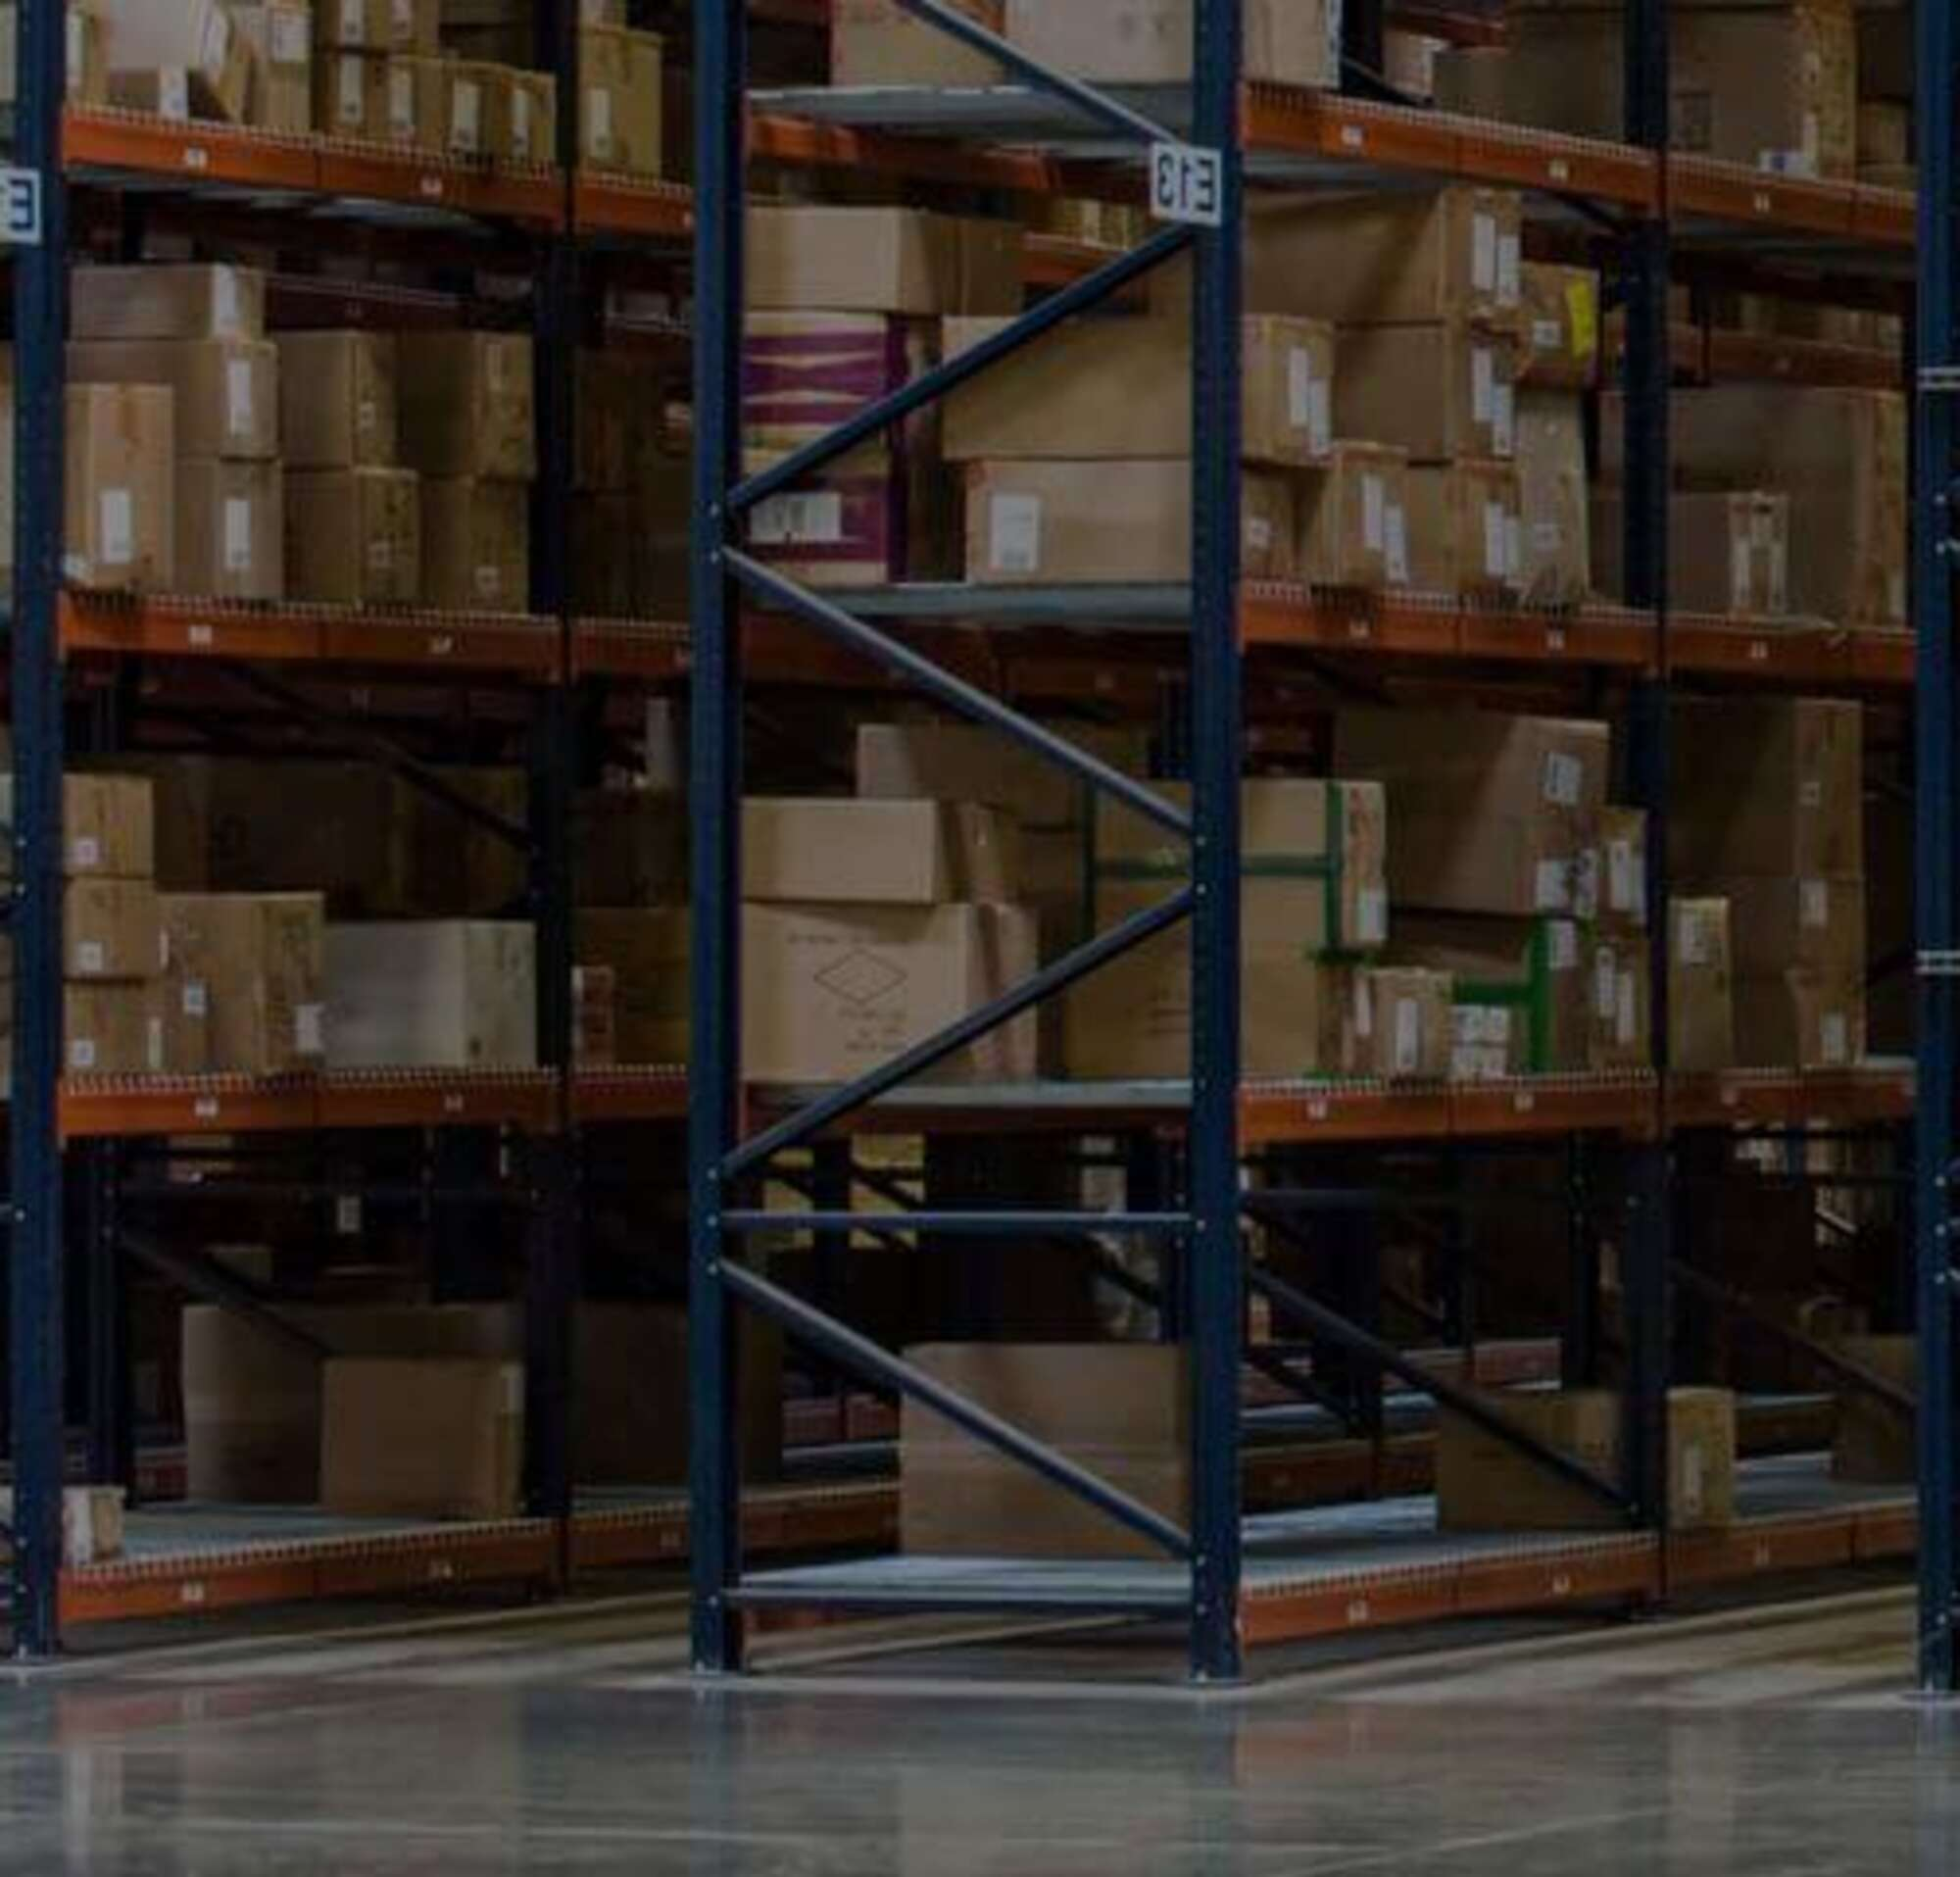 Duas pessoas em um armazém cheio de caixas.